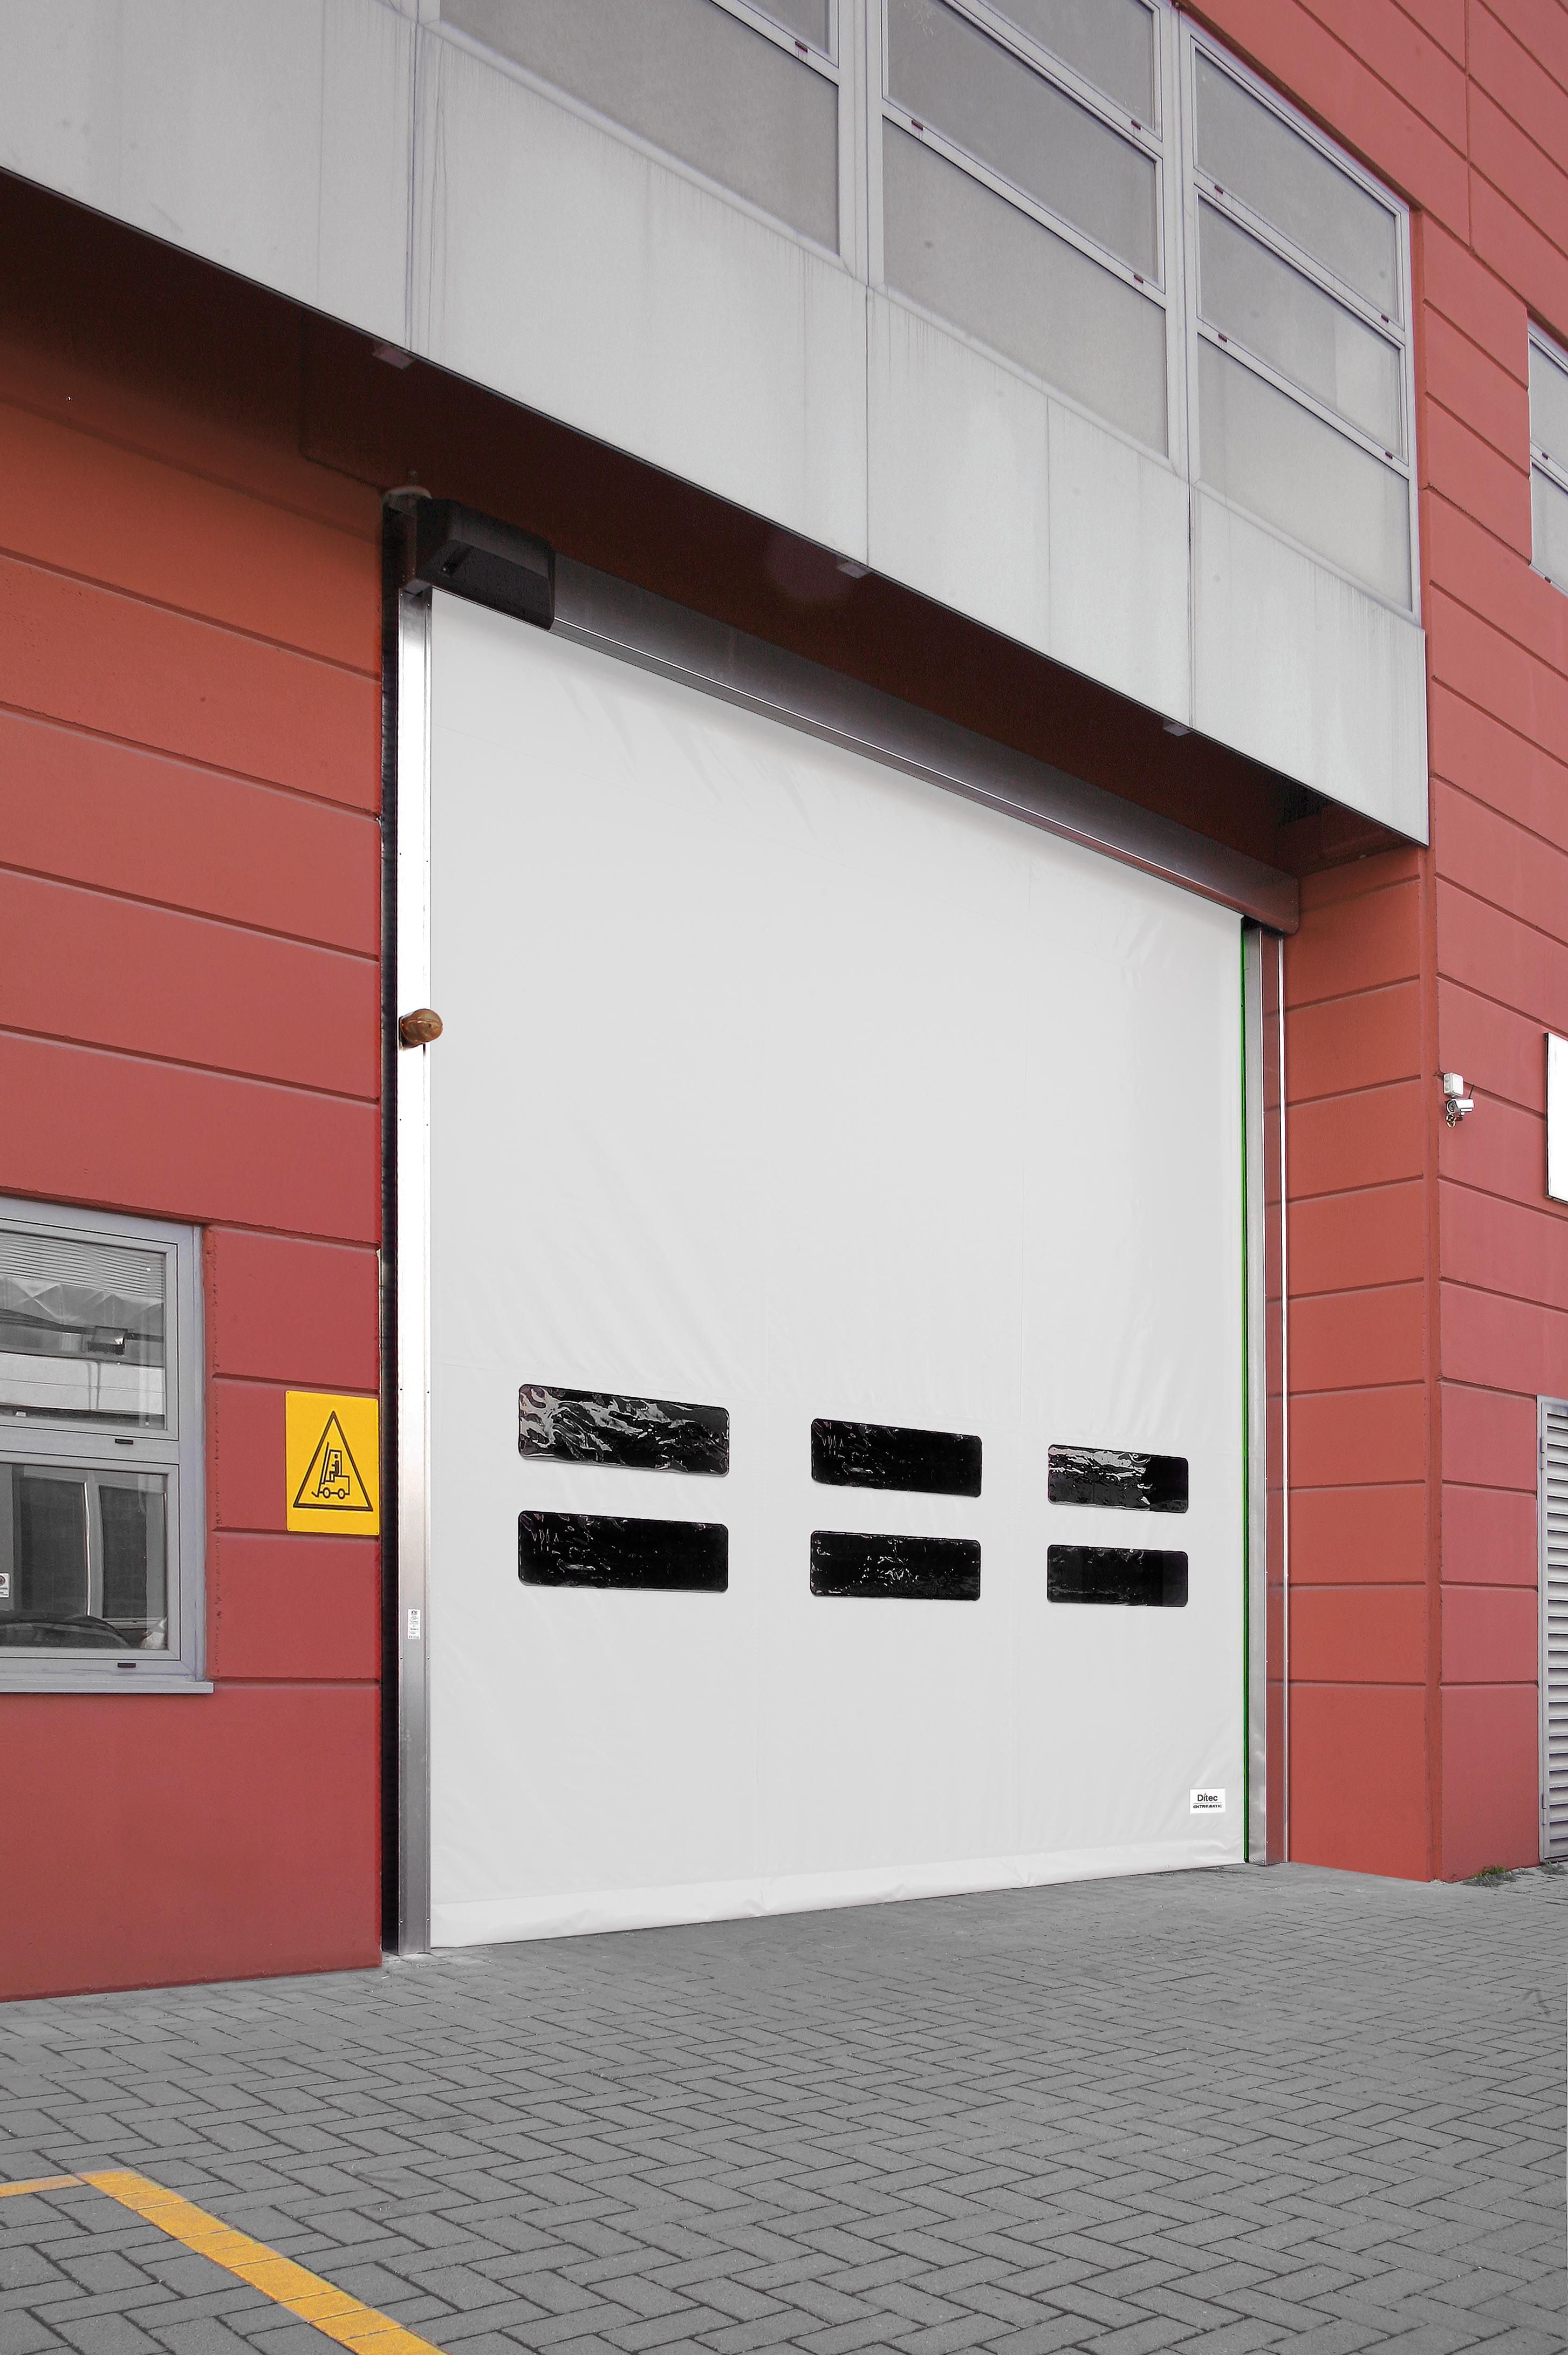 4365 #BF8E0C Roller Garage Doors High Speed Doors Sectional Doors Security Grilles  picture/photo High Speed Overhead Doors 26592907